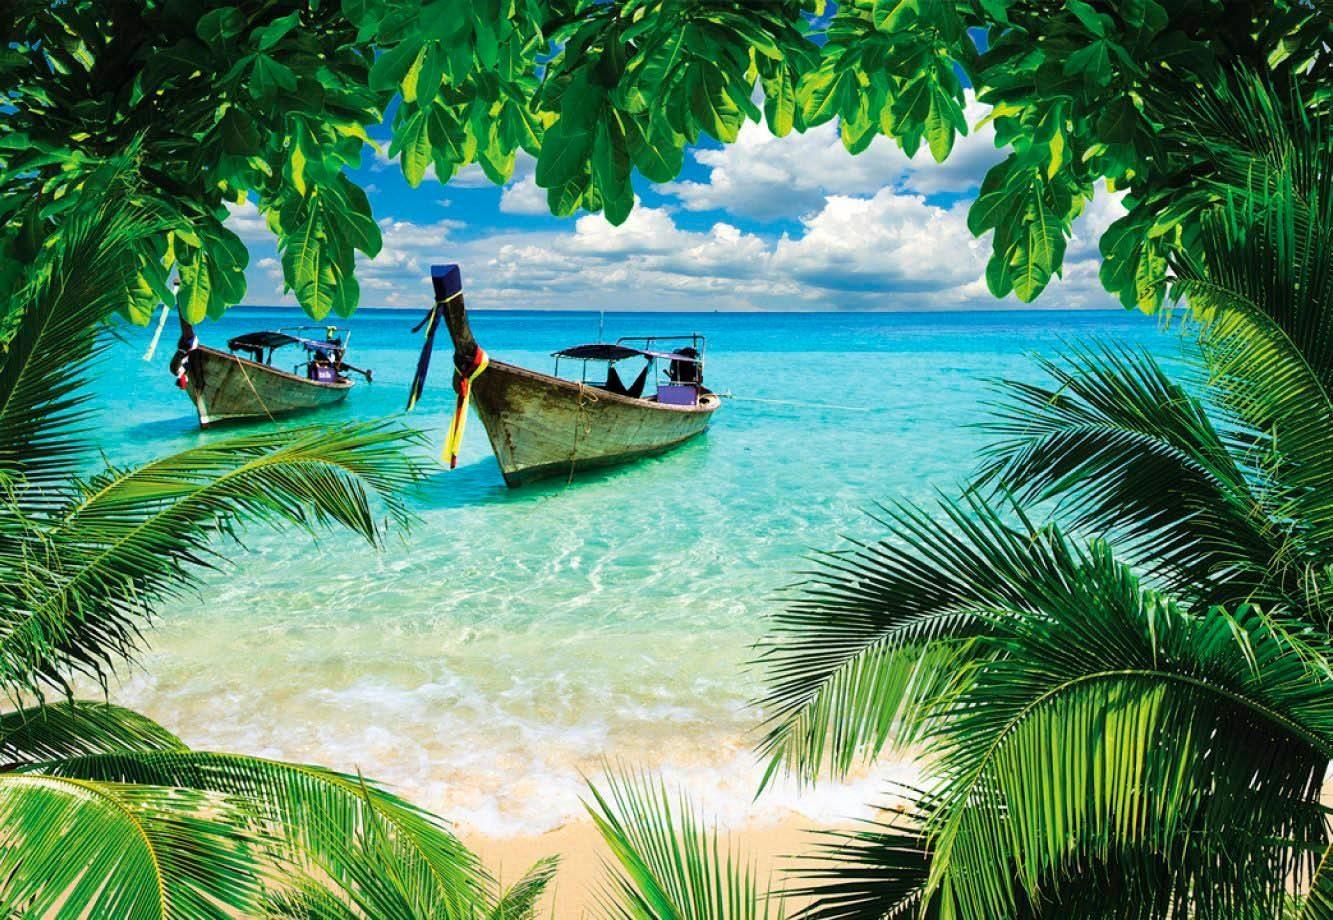 Fototapete »Paradies Insel«, 368/254 cm